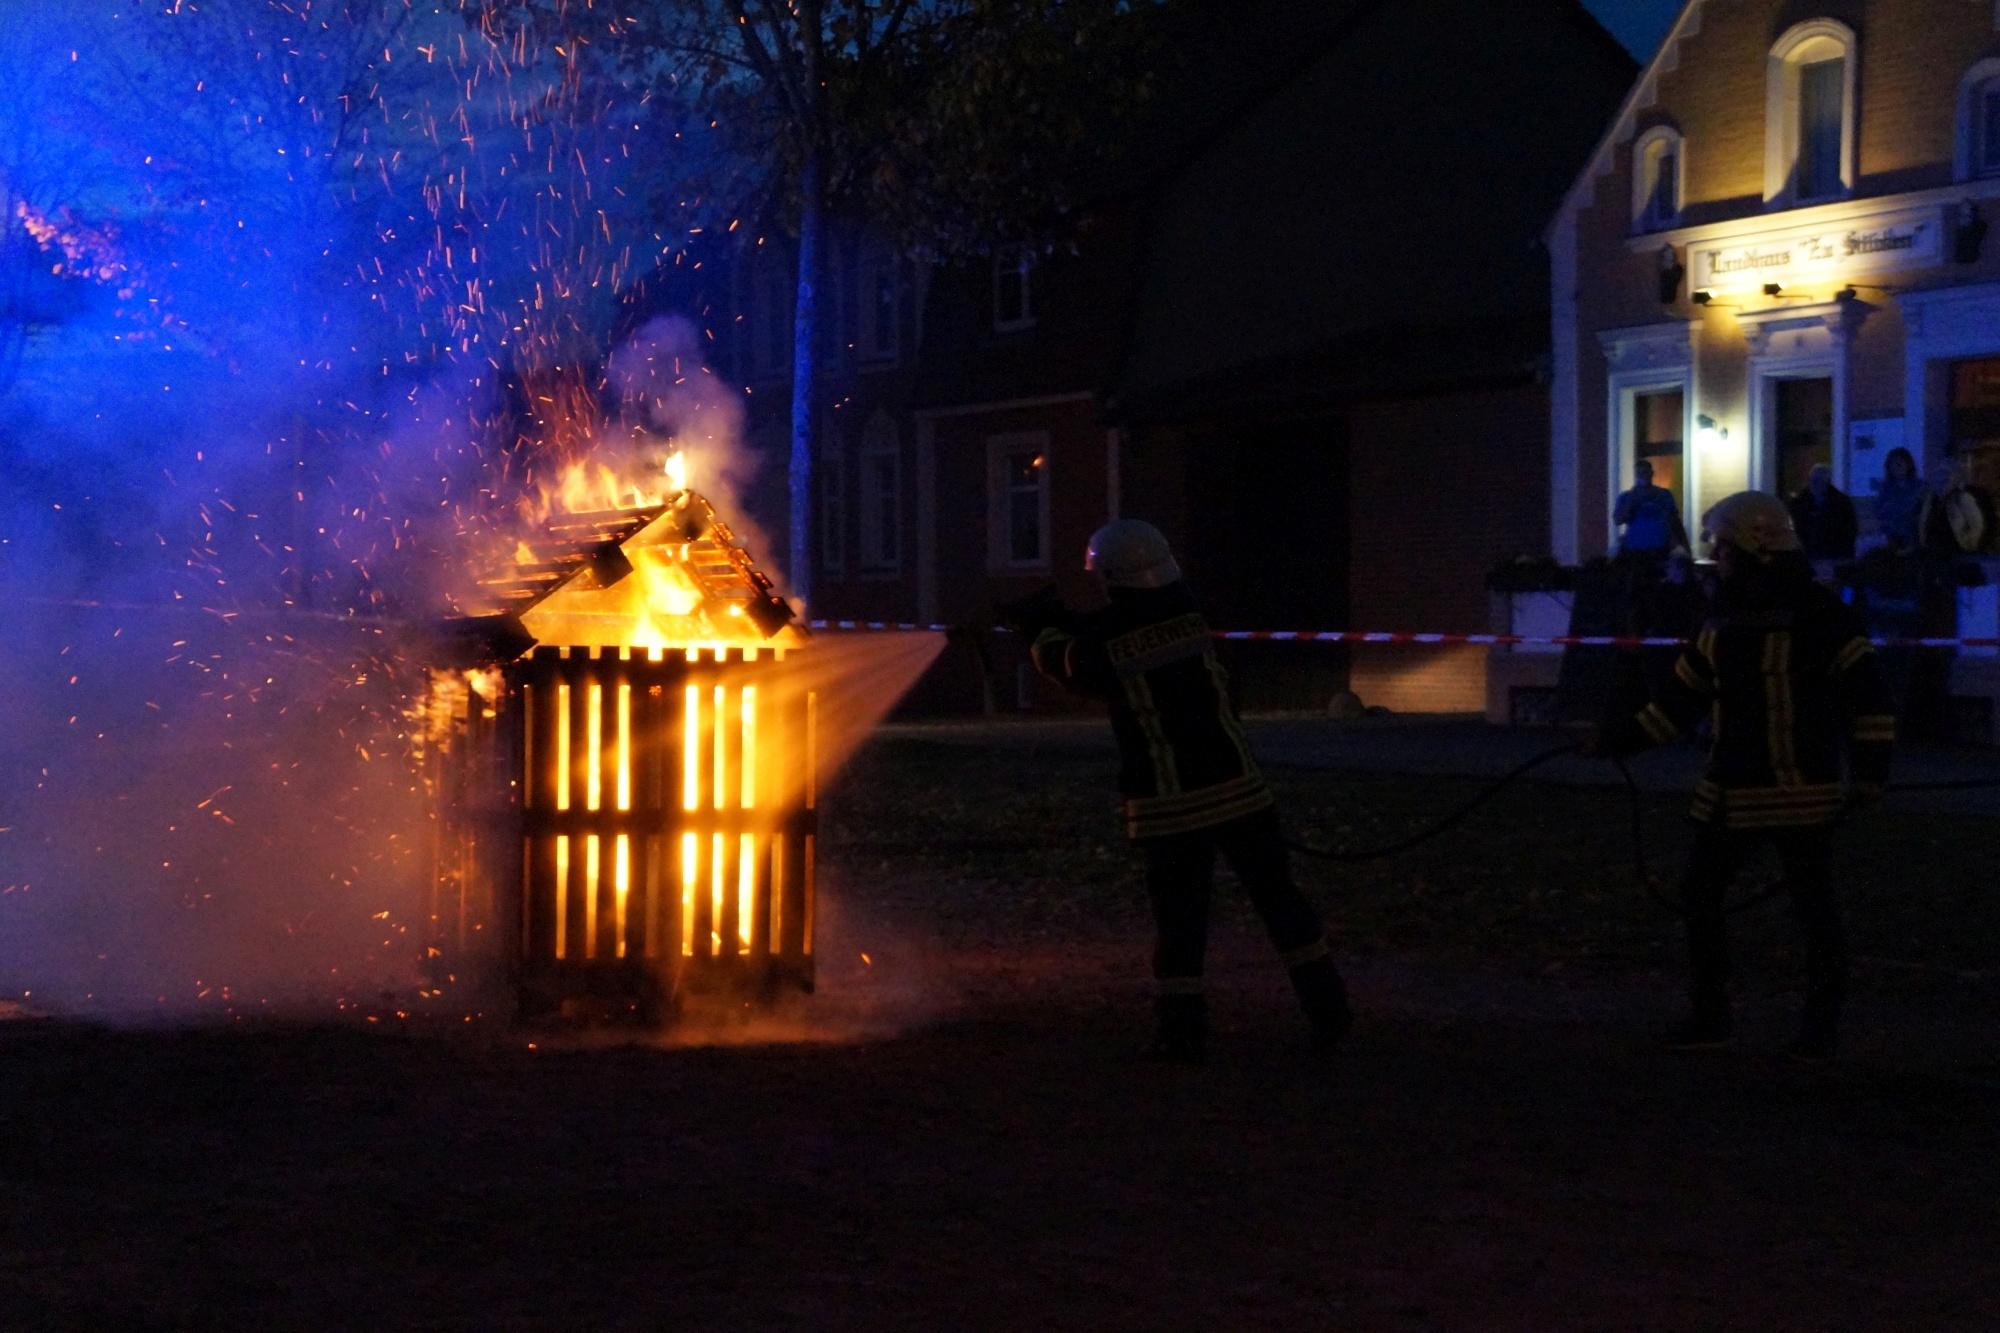 Feuerwehr_Tag_der_offenen_Tür_2018_57